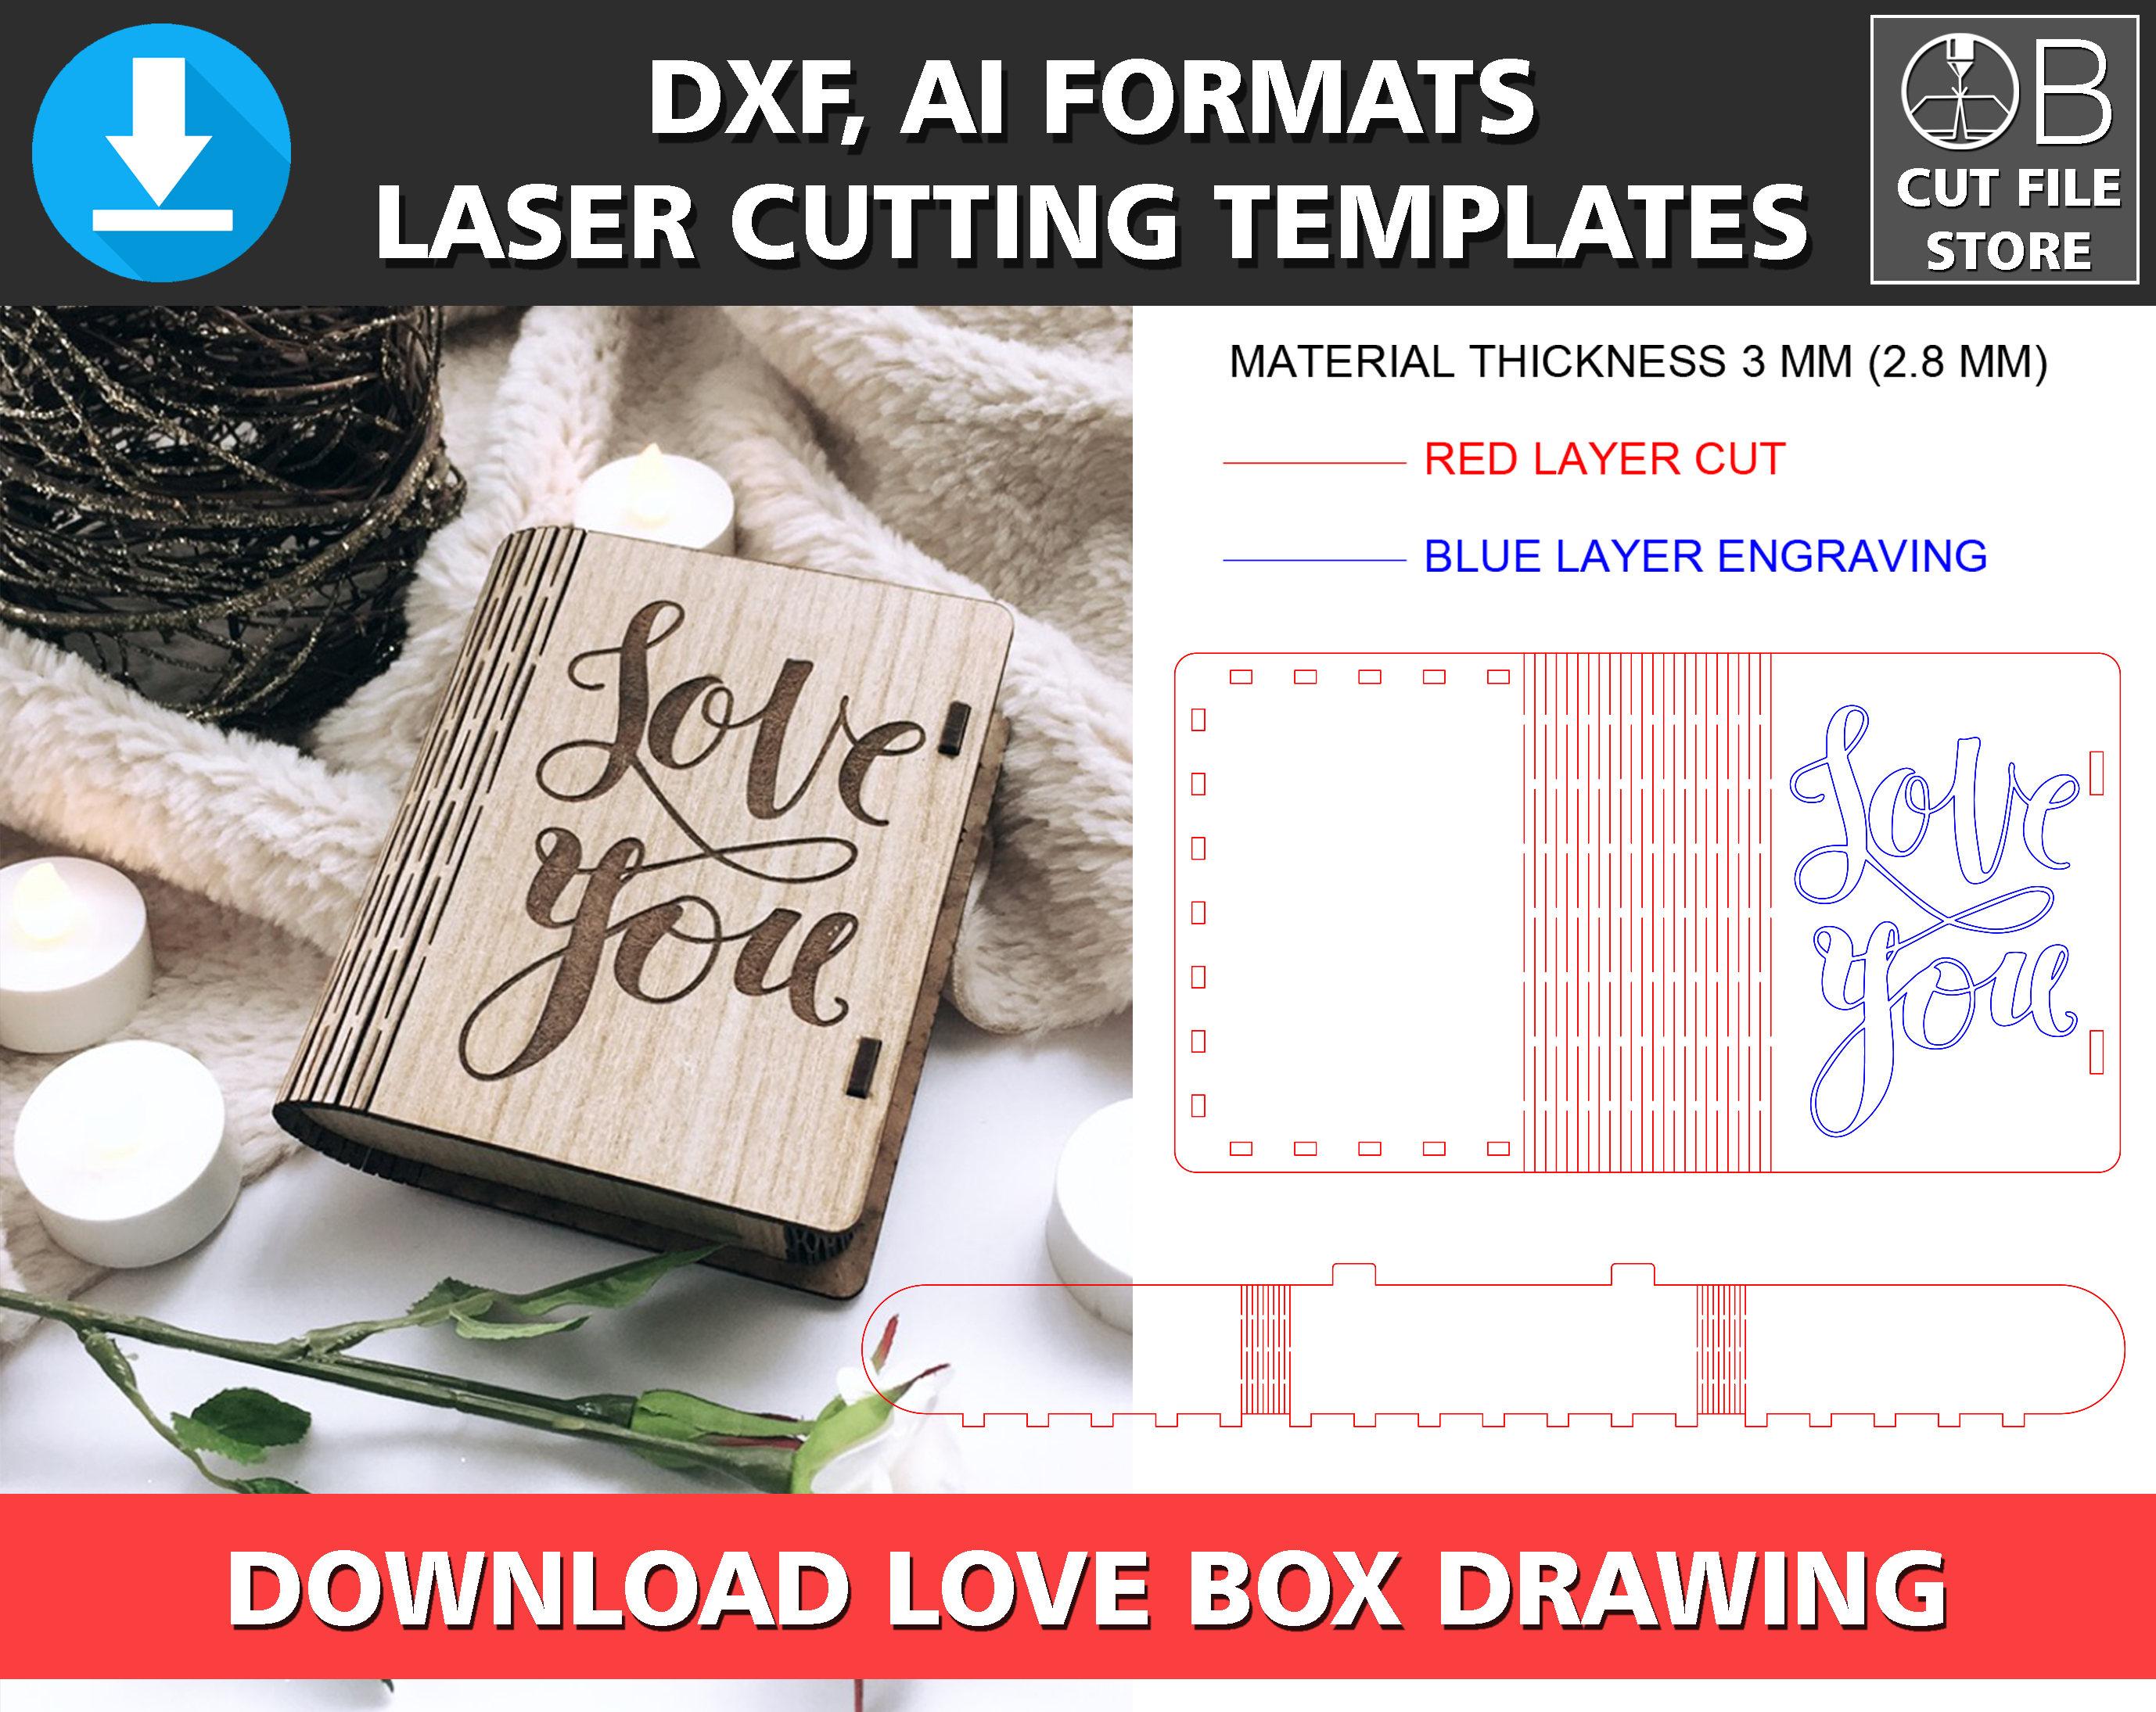 LIBRO caja láser corte plantilla vector dxf ai formato amor | Etsy